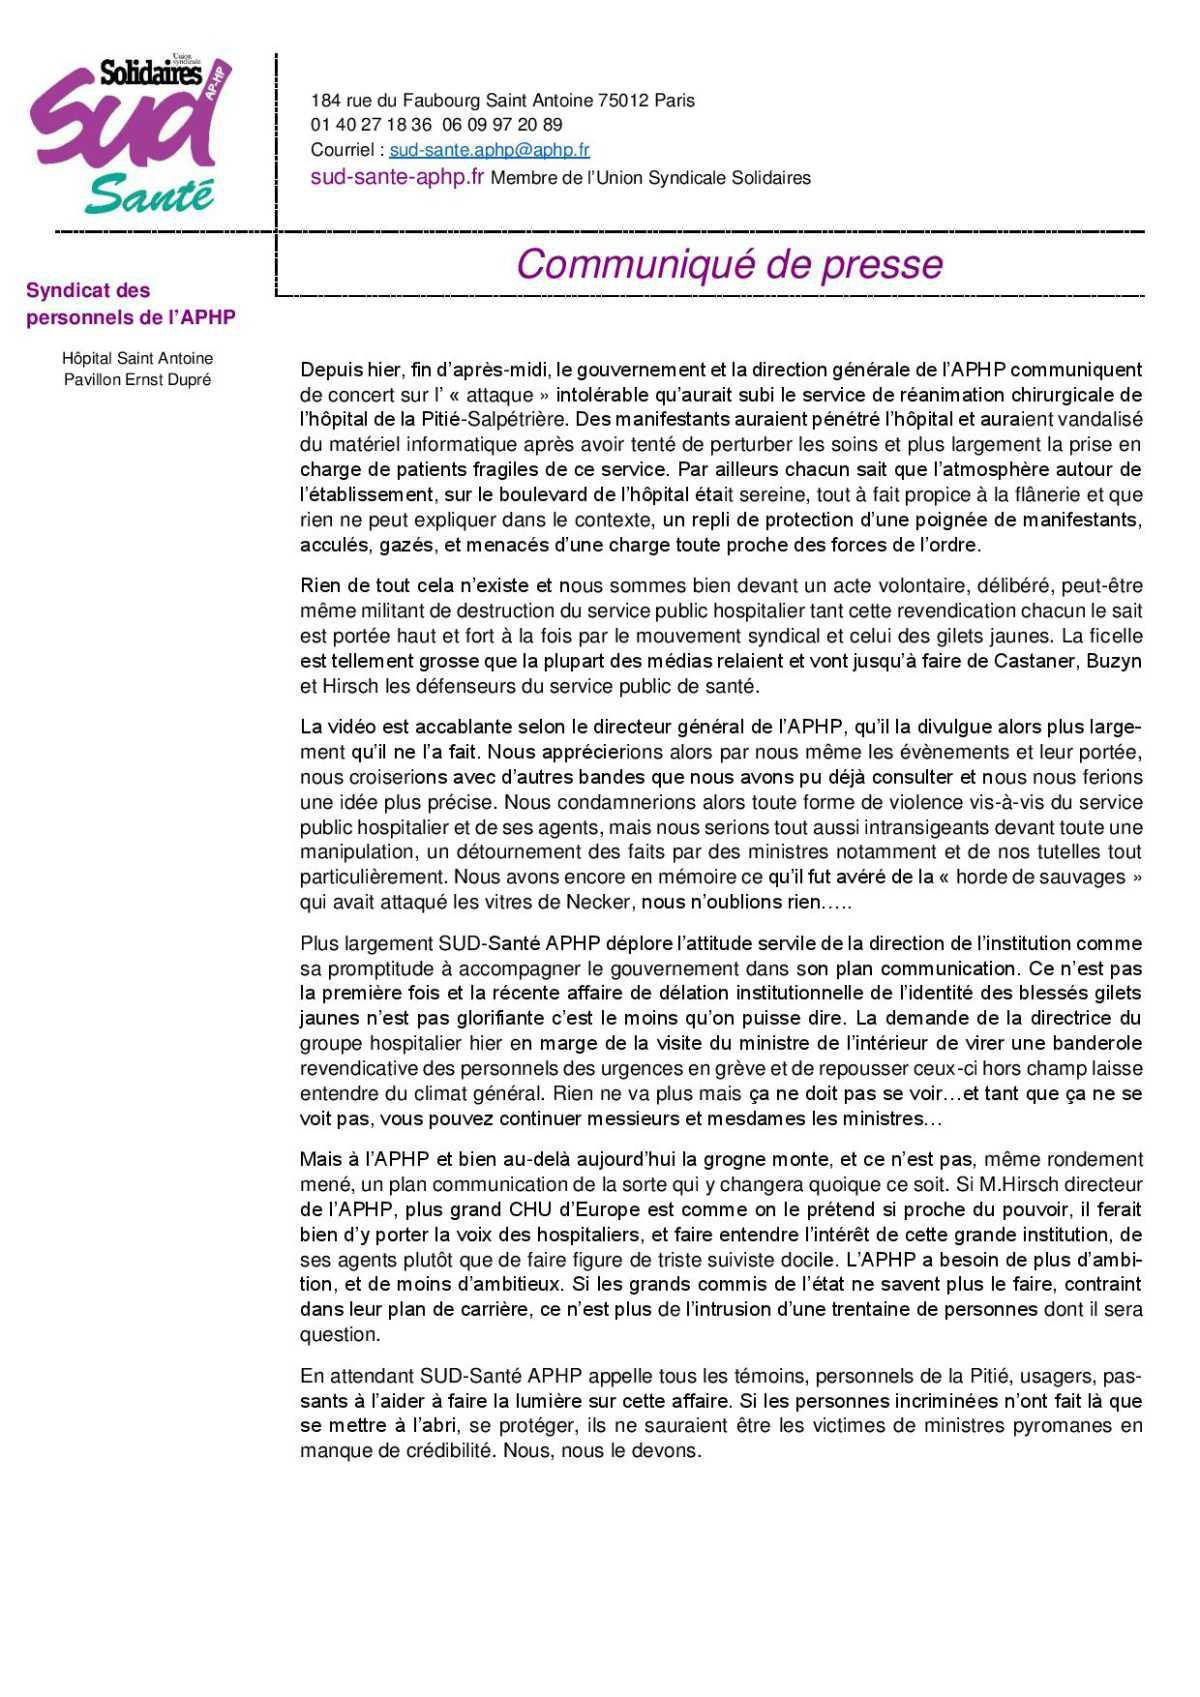 Communiqué concernant les manifestant du 1 mai à la Pitié-Salpétrière